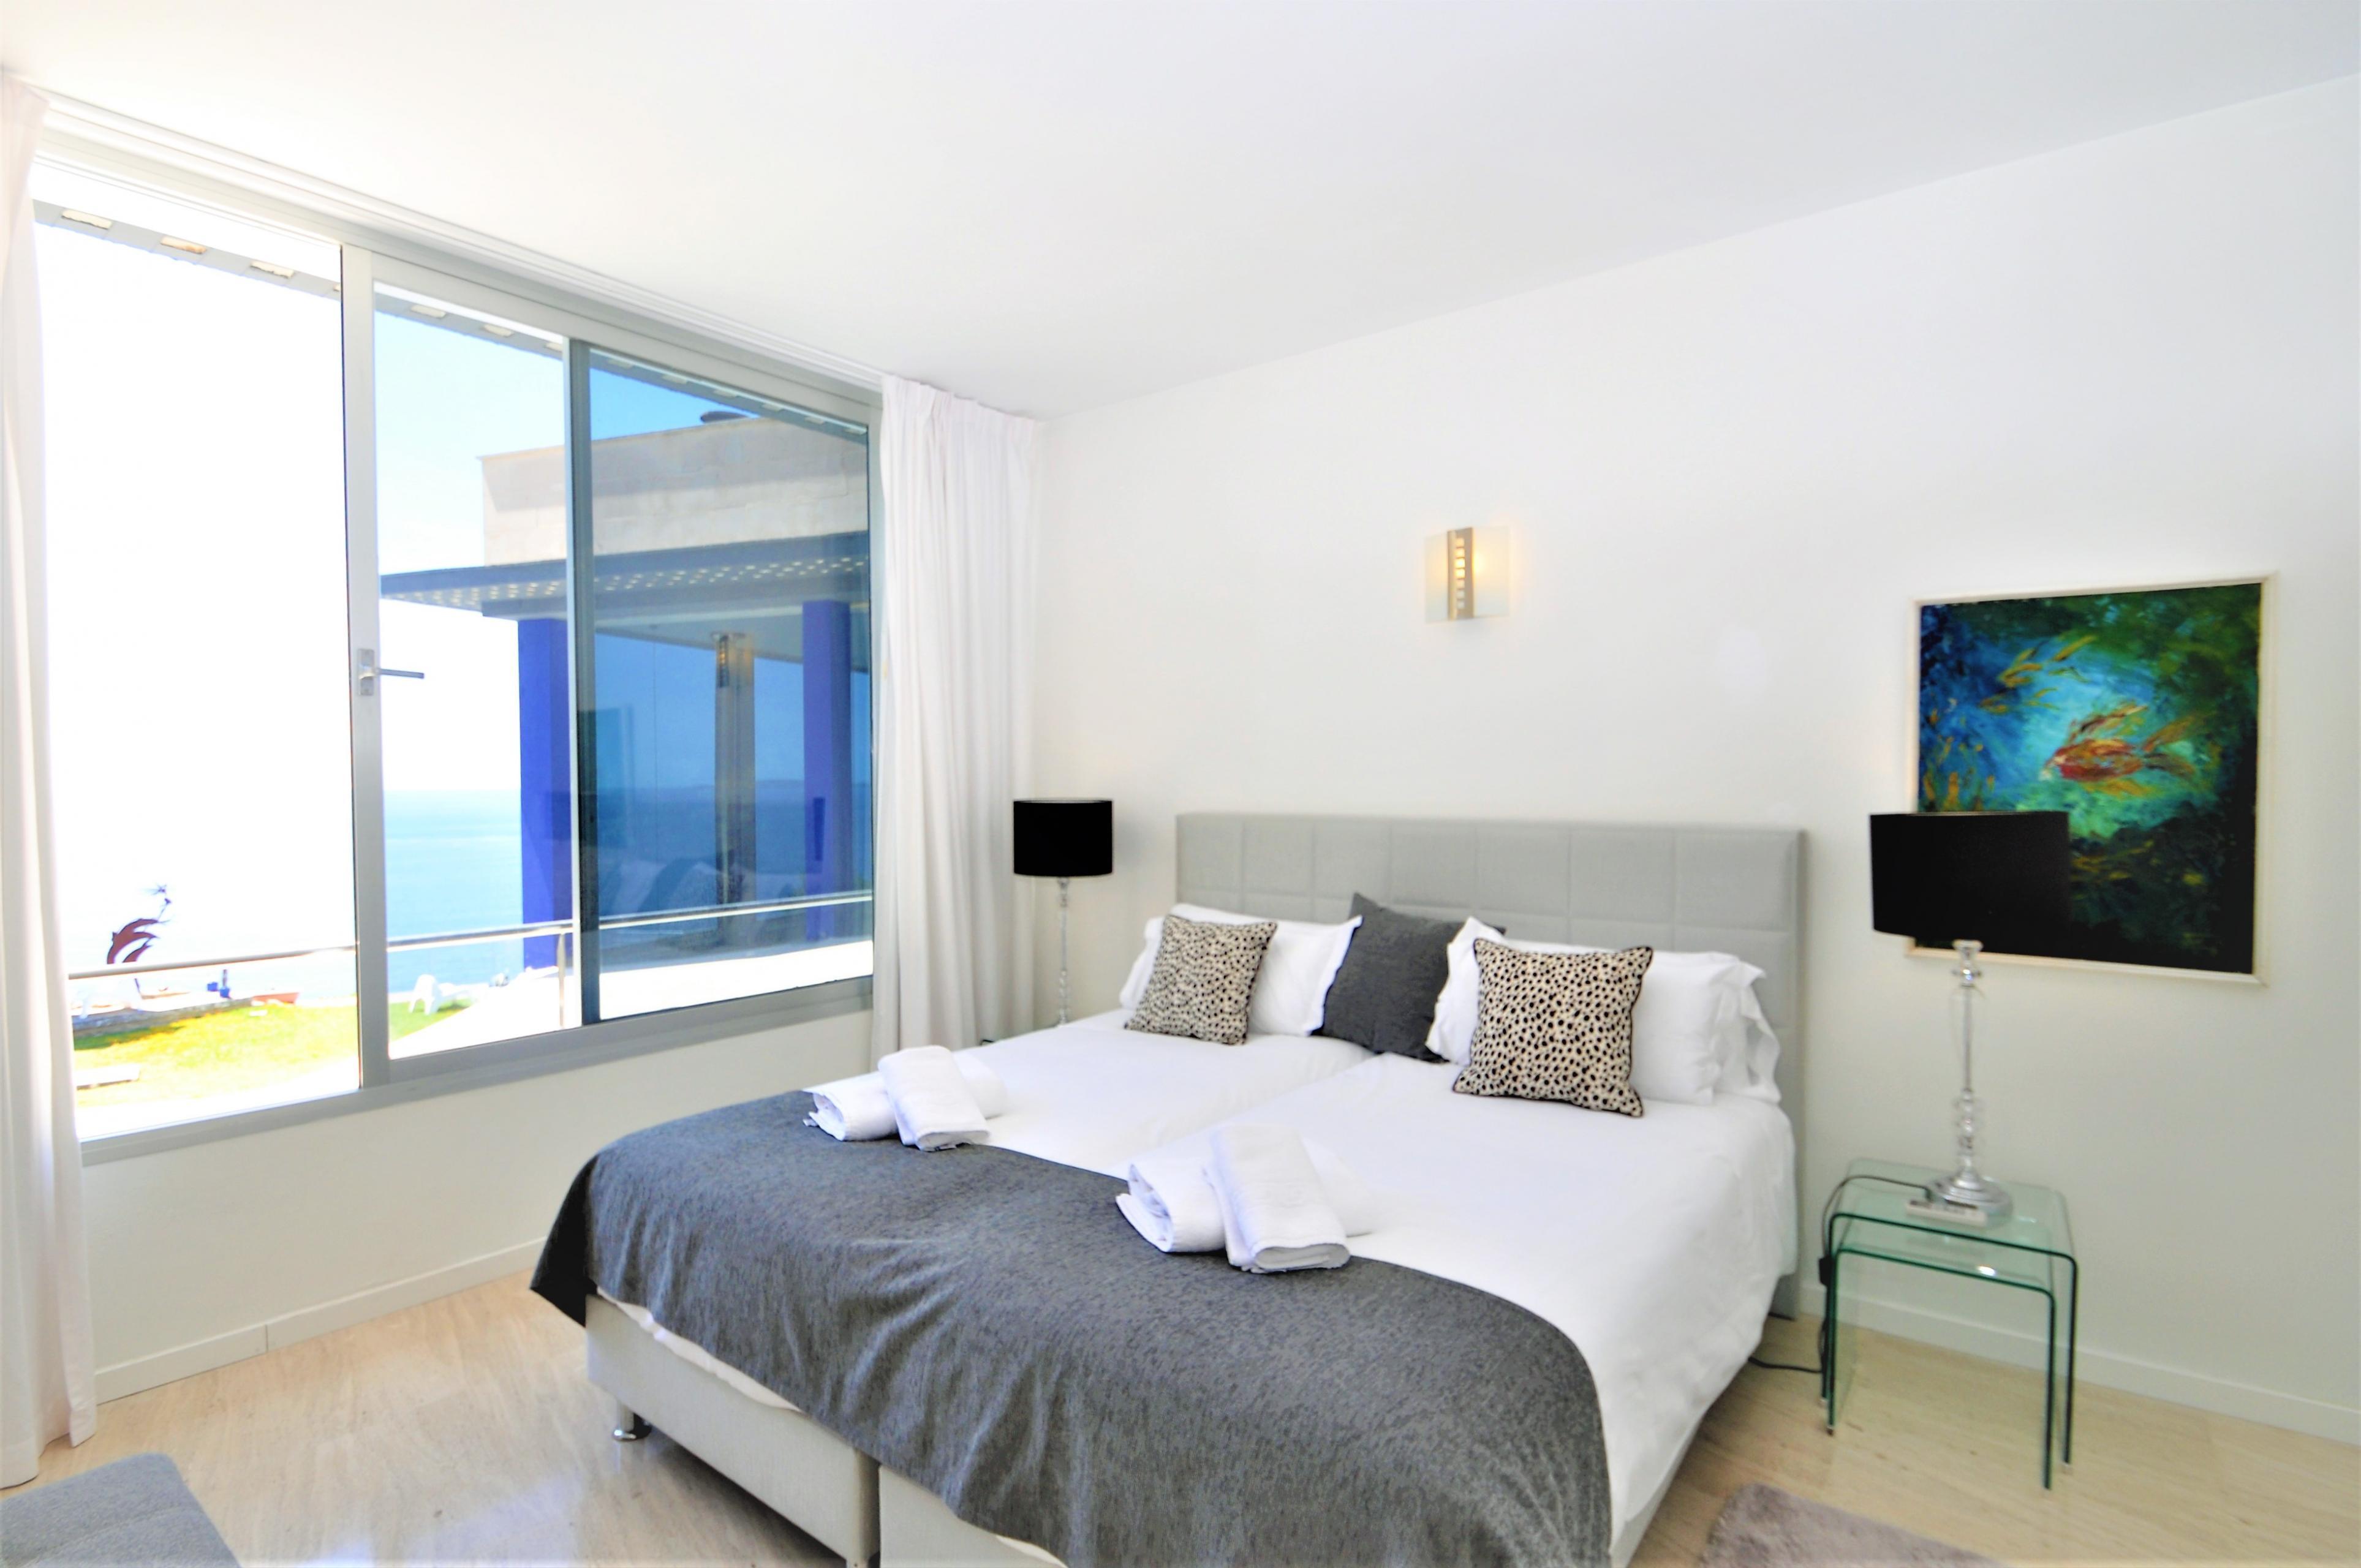 Maison de vacances VILLA BAY BLUE- Bahia Azul- Mallorca - VILLAONLINE - Kostenloses WLAN (2684052), Bahia Azul, Majorque, Iles Baléares, Espagne, image 40